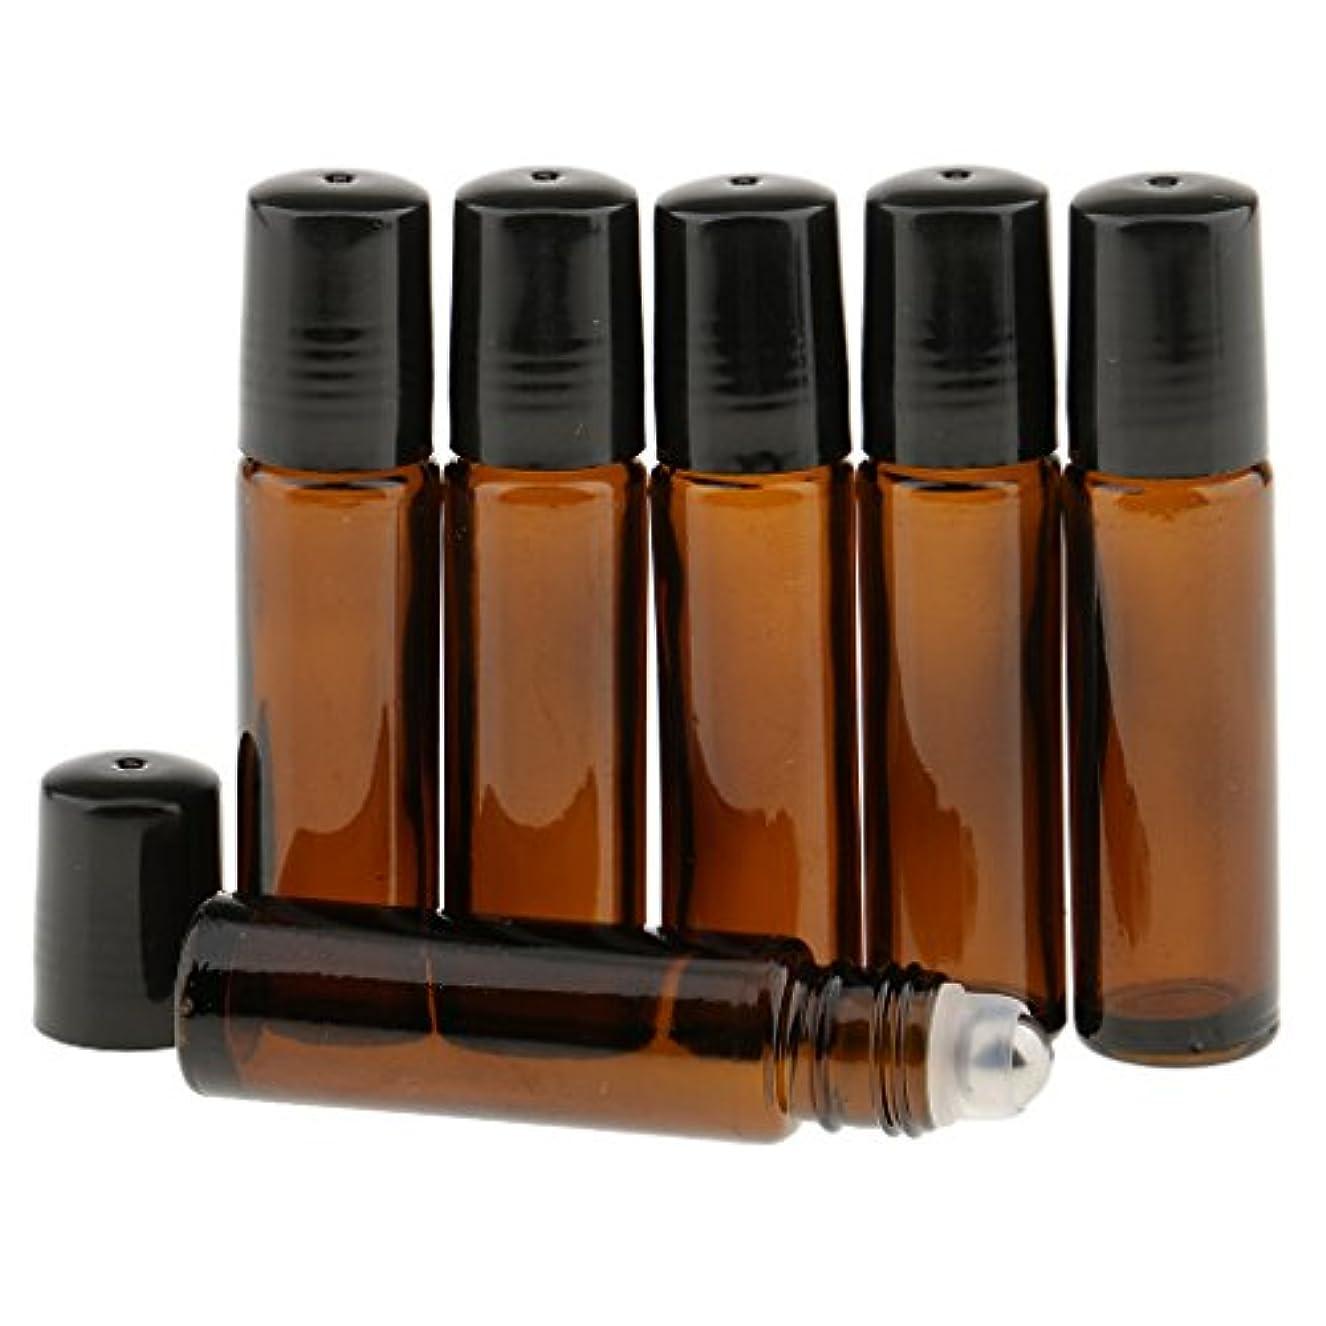 ズボンぎこちない草香水ボトル 6本 10ml ガラスロール 小分けボトル 漏れ防止 全4色 - ダークブラウン